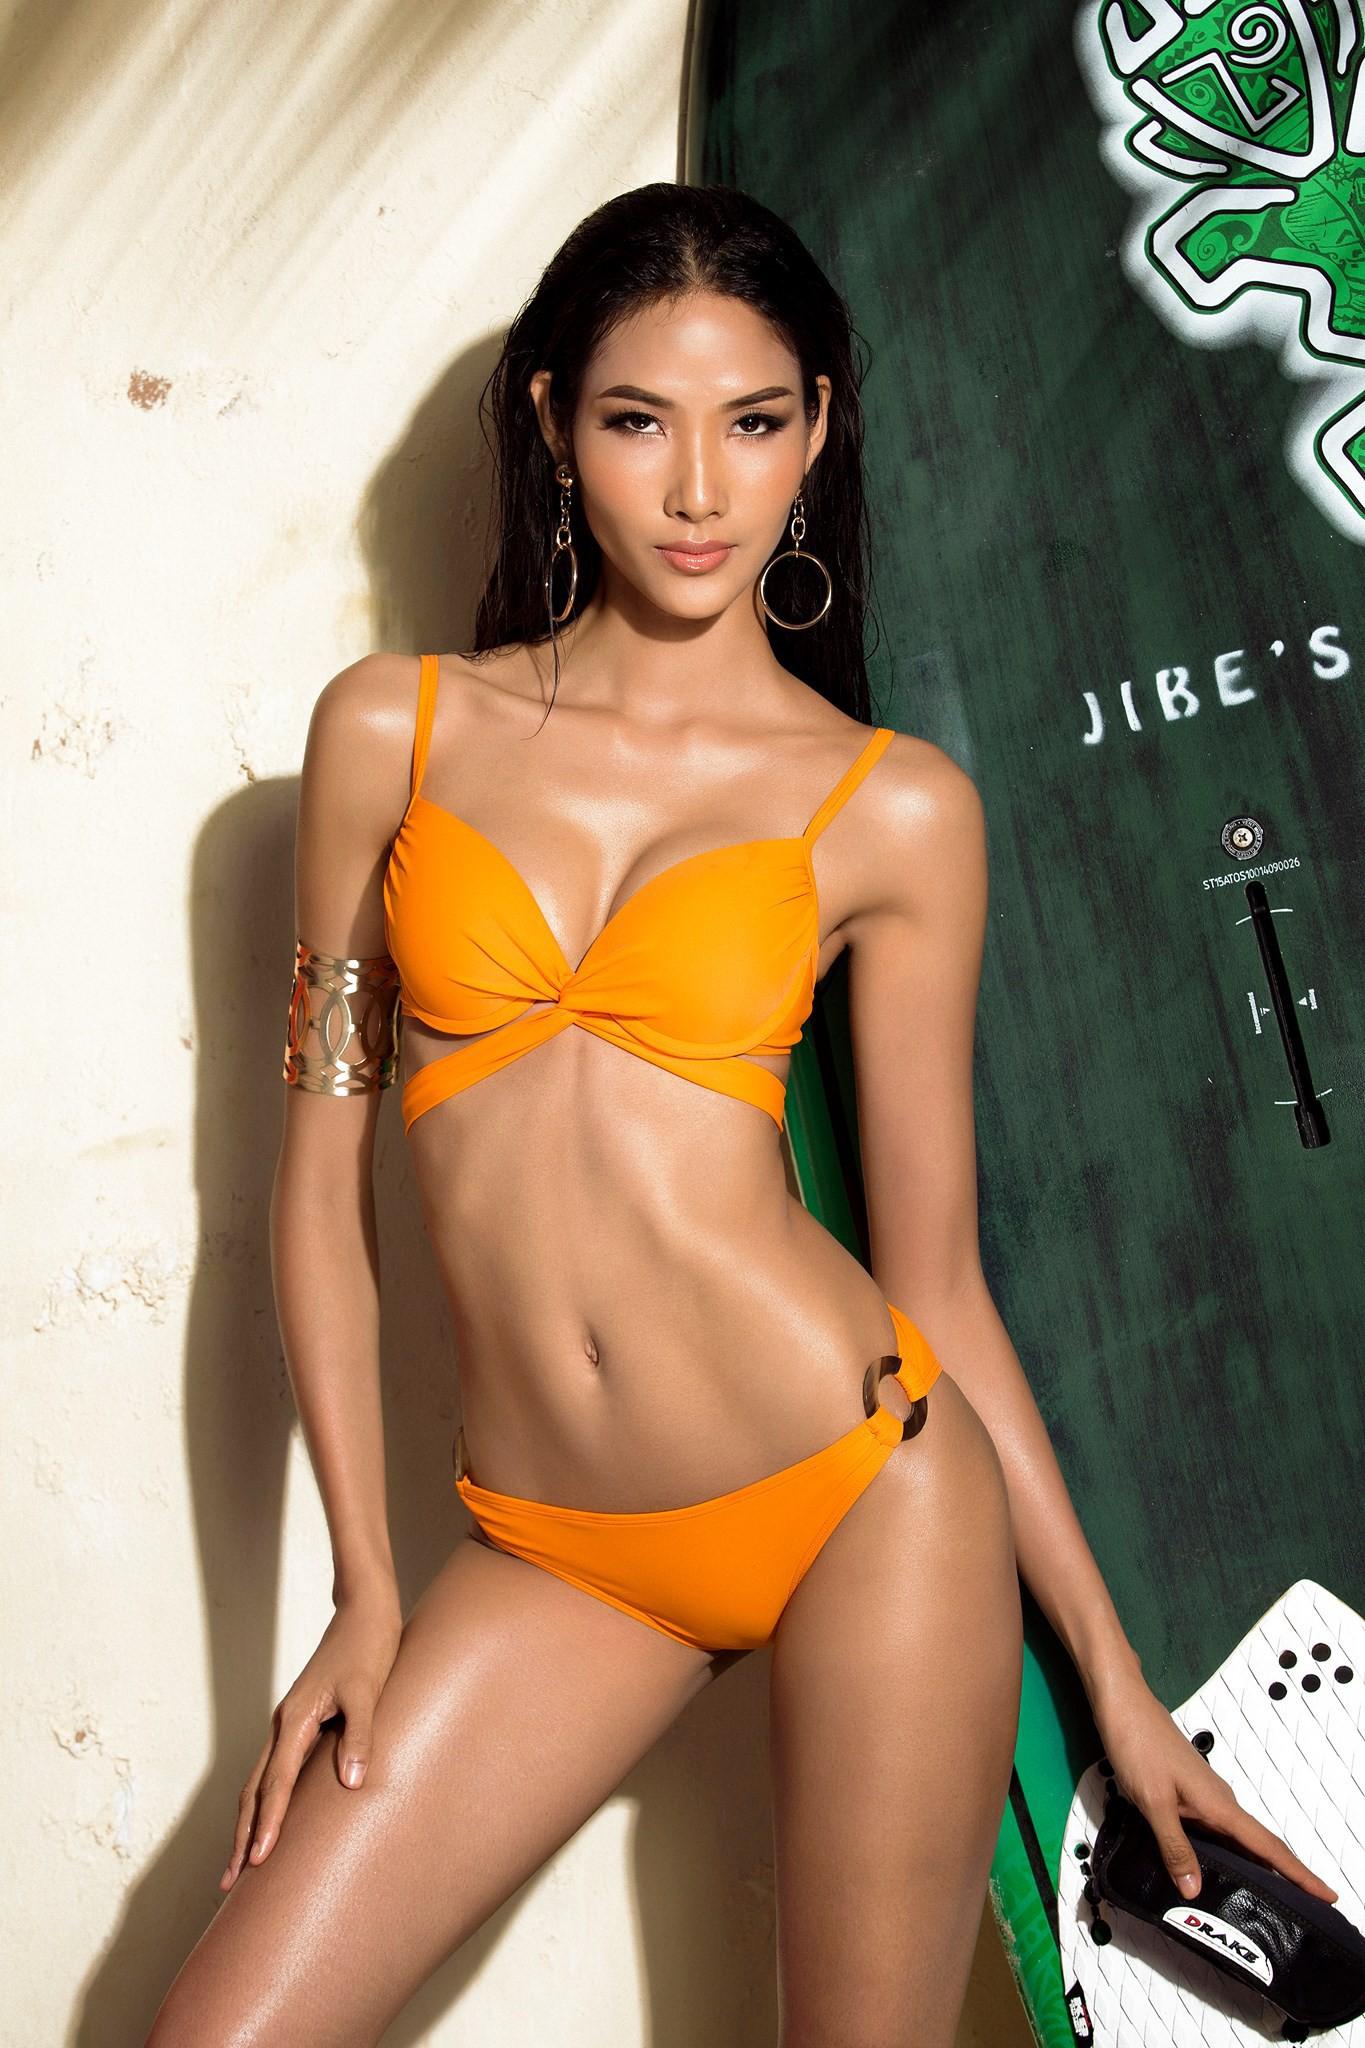 Đối thủ Hoàng Thùy tại Miss Universe 2019: Từ cơ bụng 6 múi đến thành tích cực khủng đủ sức nuốt chửng bất cứ người đẹp nào! - Ảnh 2.